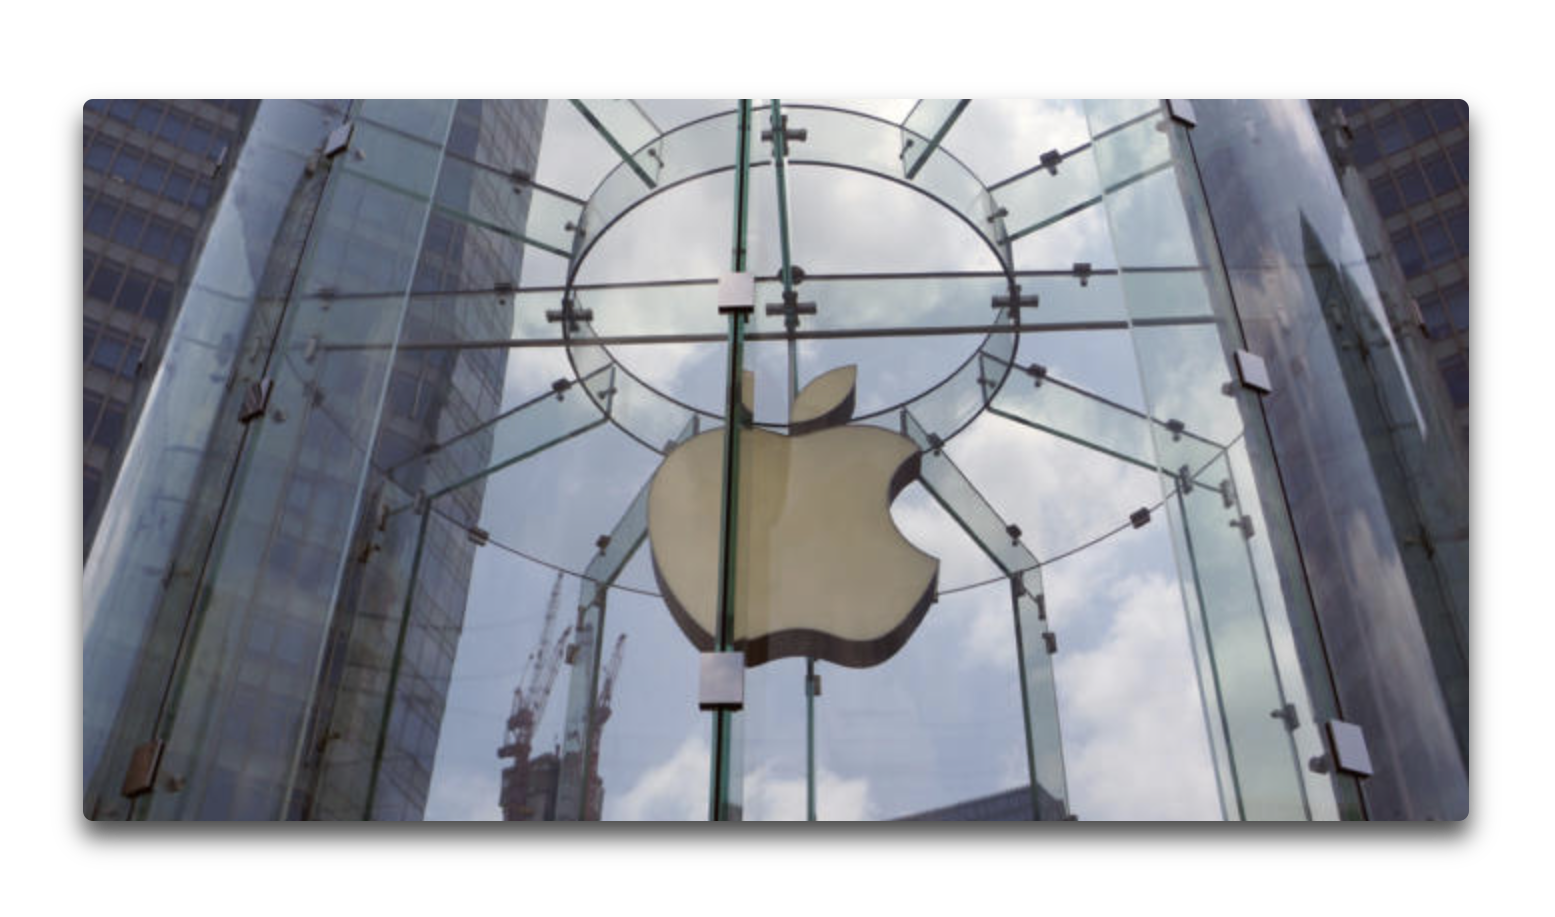 米Apple、米国上場企業として初の時価総額 1兆ドルを達成